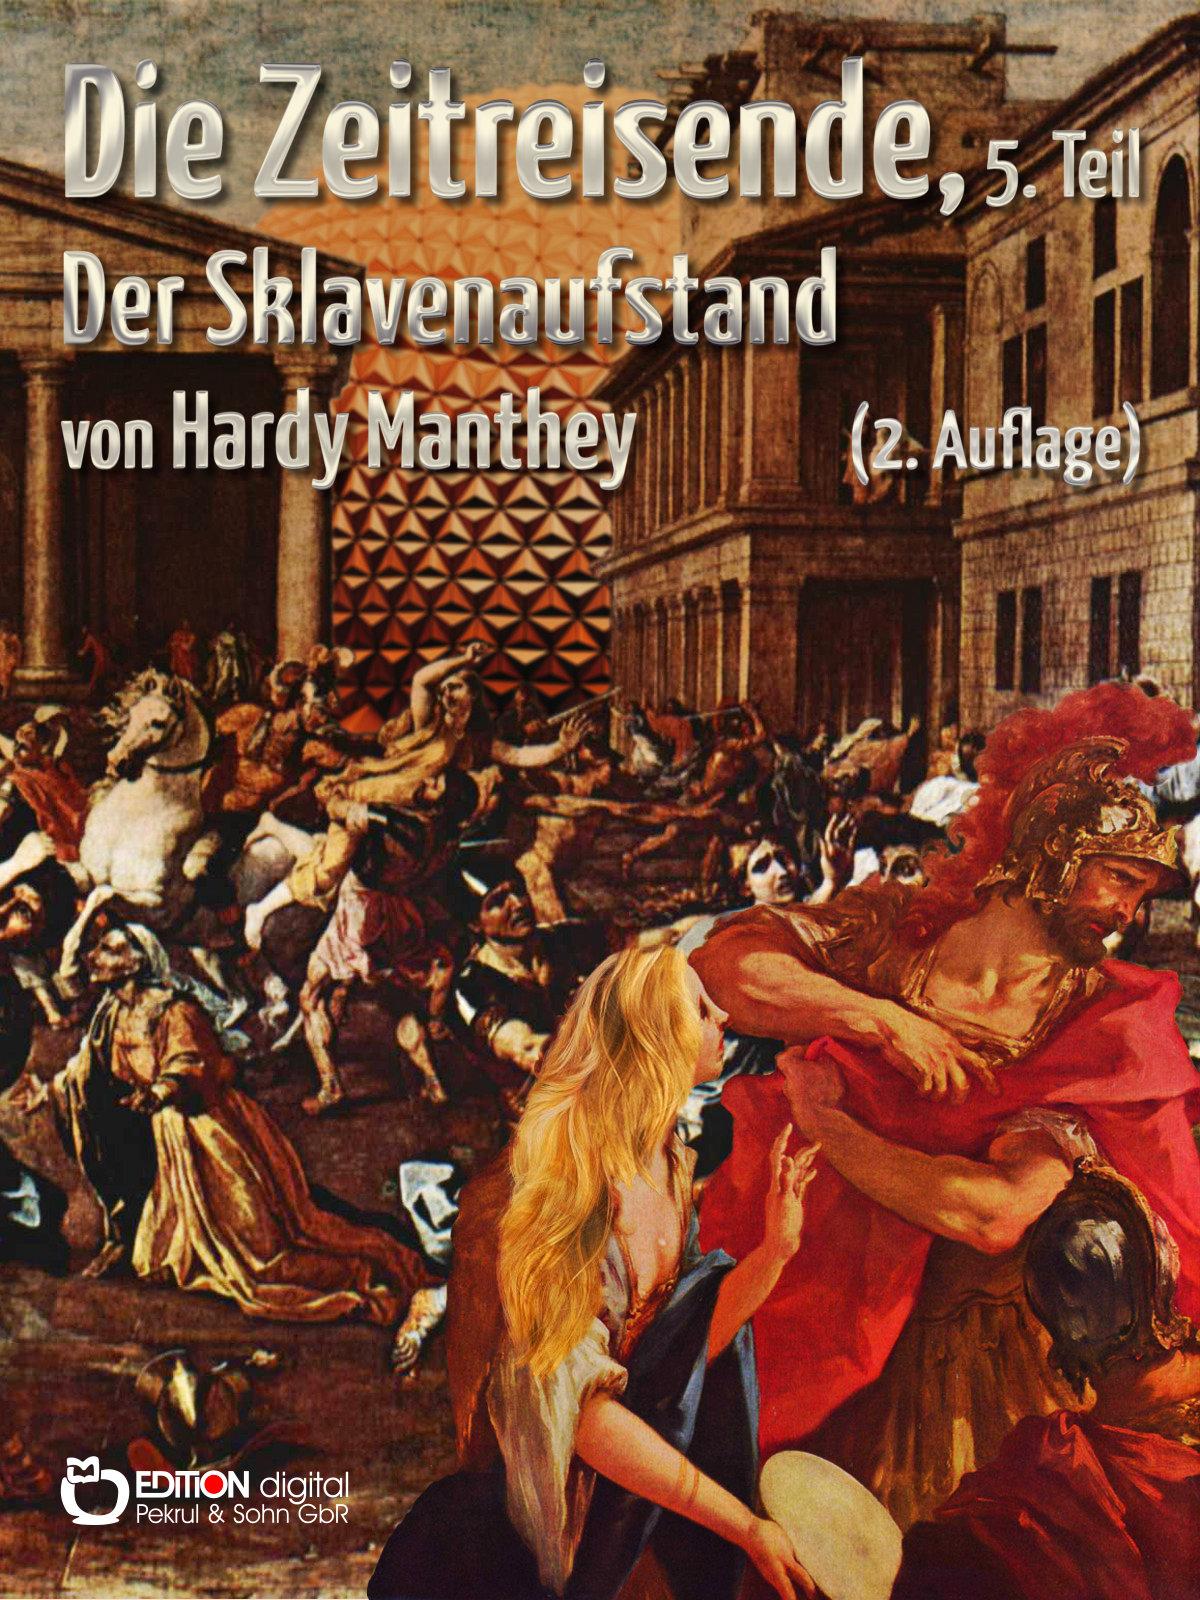 Die Zeitreisende, 5. Teil. Der Sklavenaufstand von Hardy Manthey